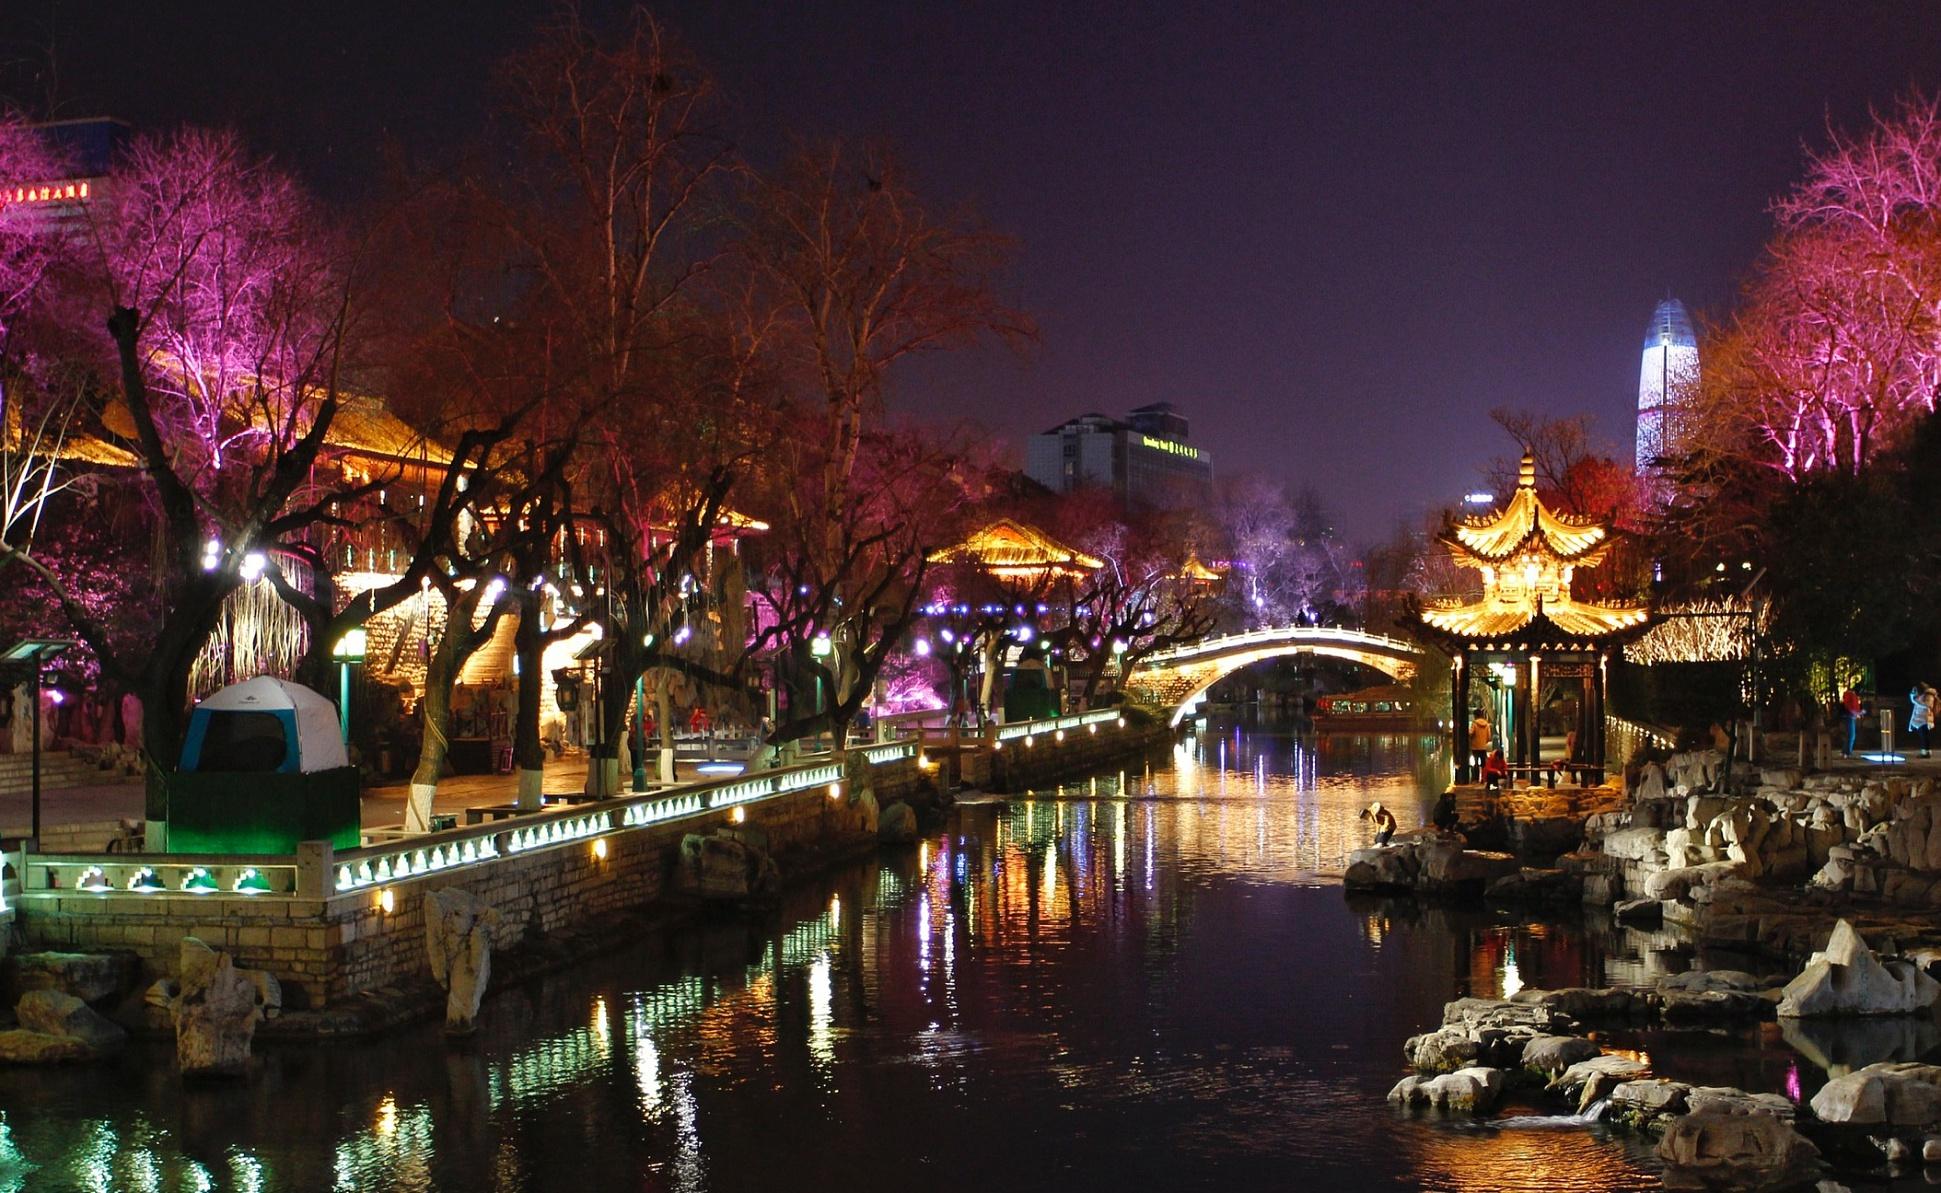 一湖一环景观灯为泉城夜色之变添彩